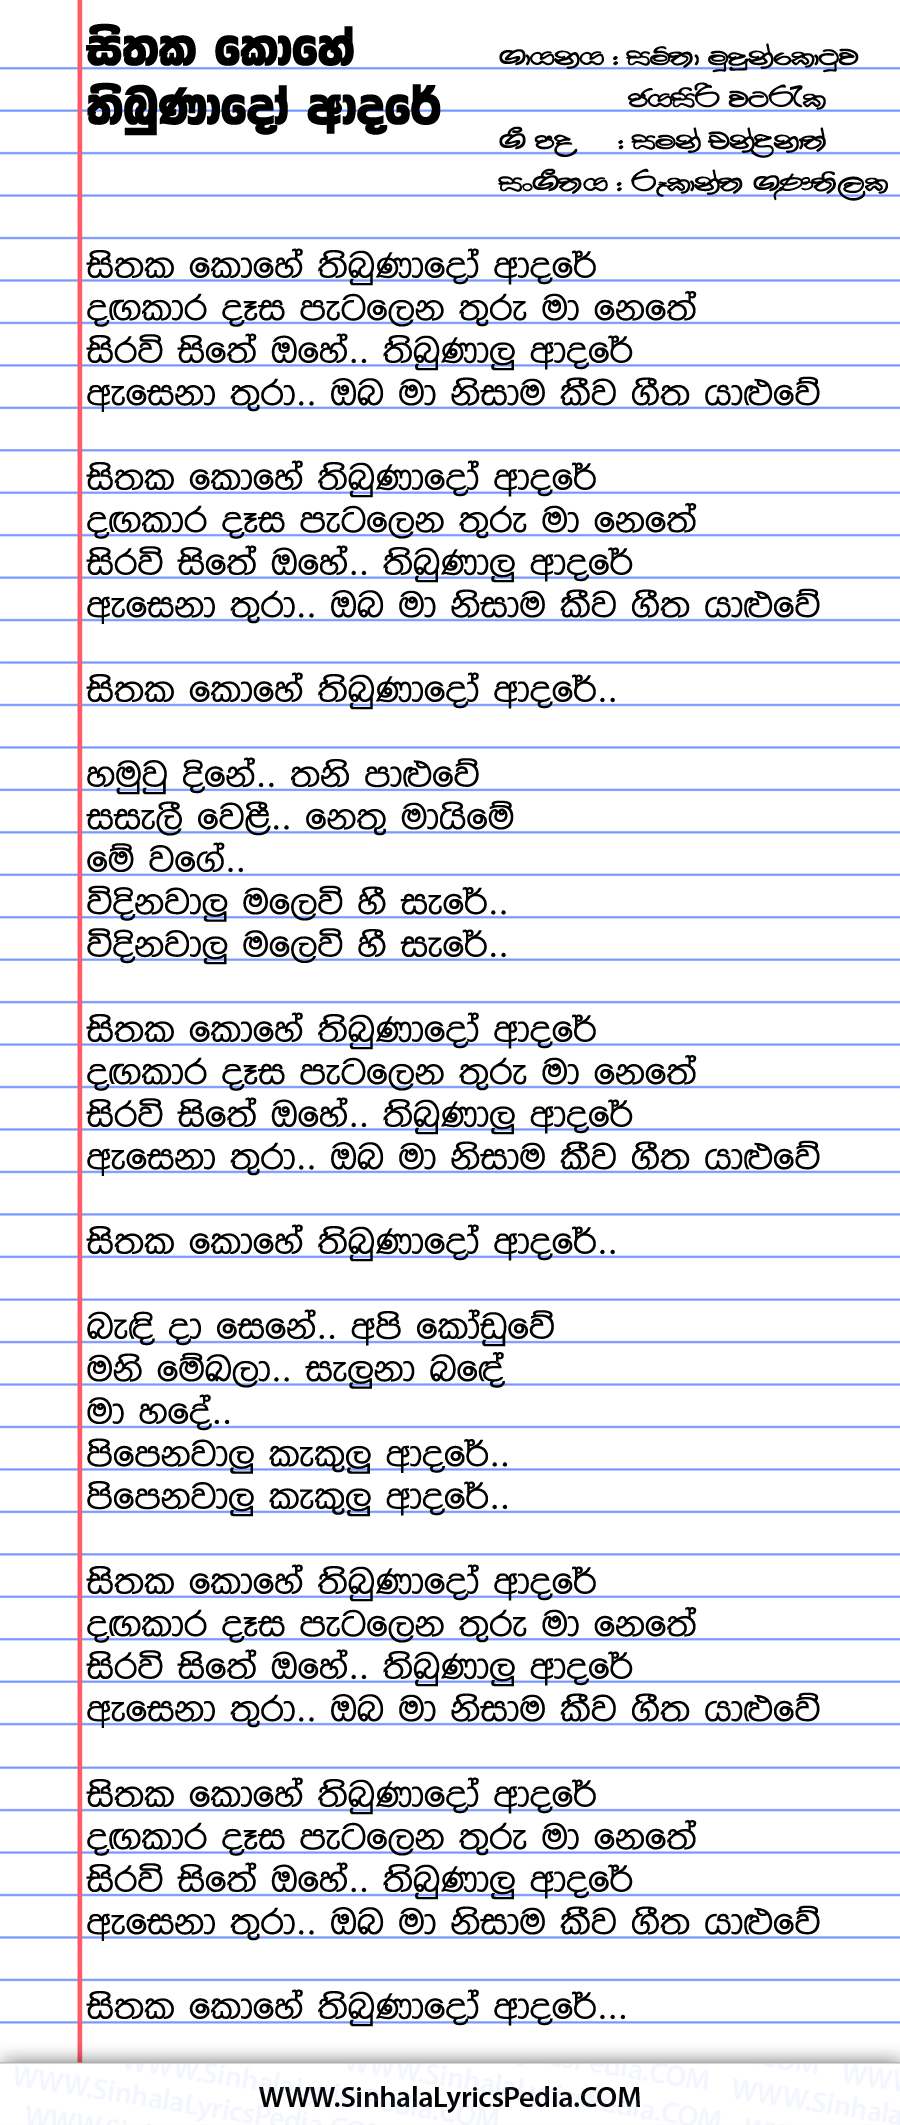 Sithaka Kohe Thibunado Adare Song Lyrics